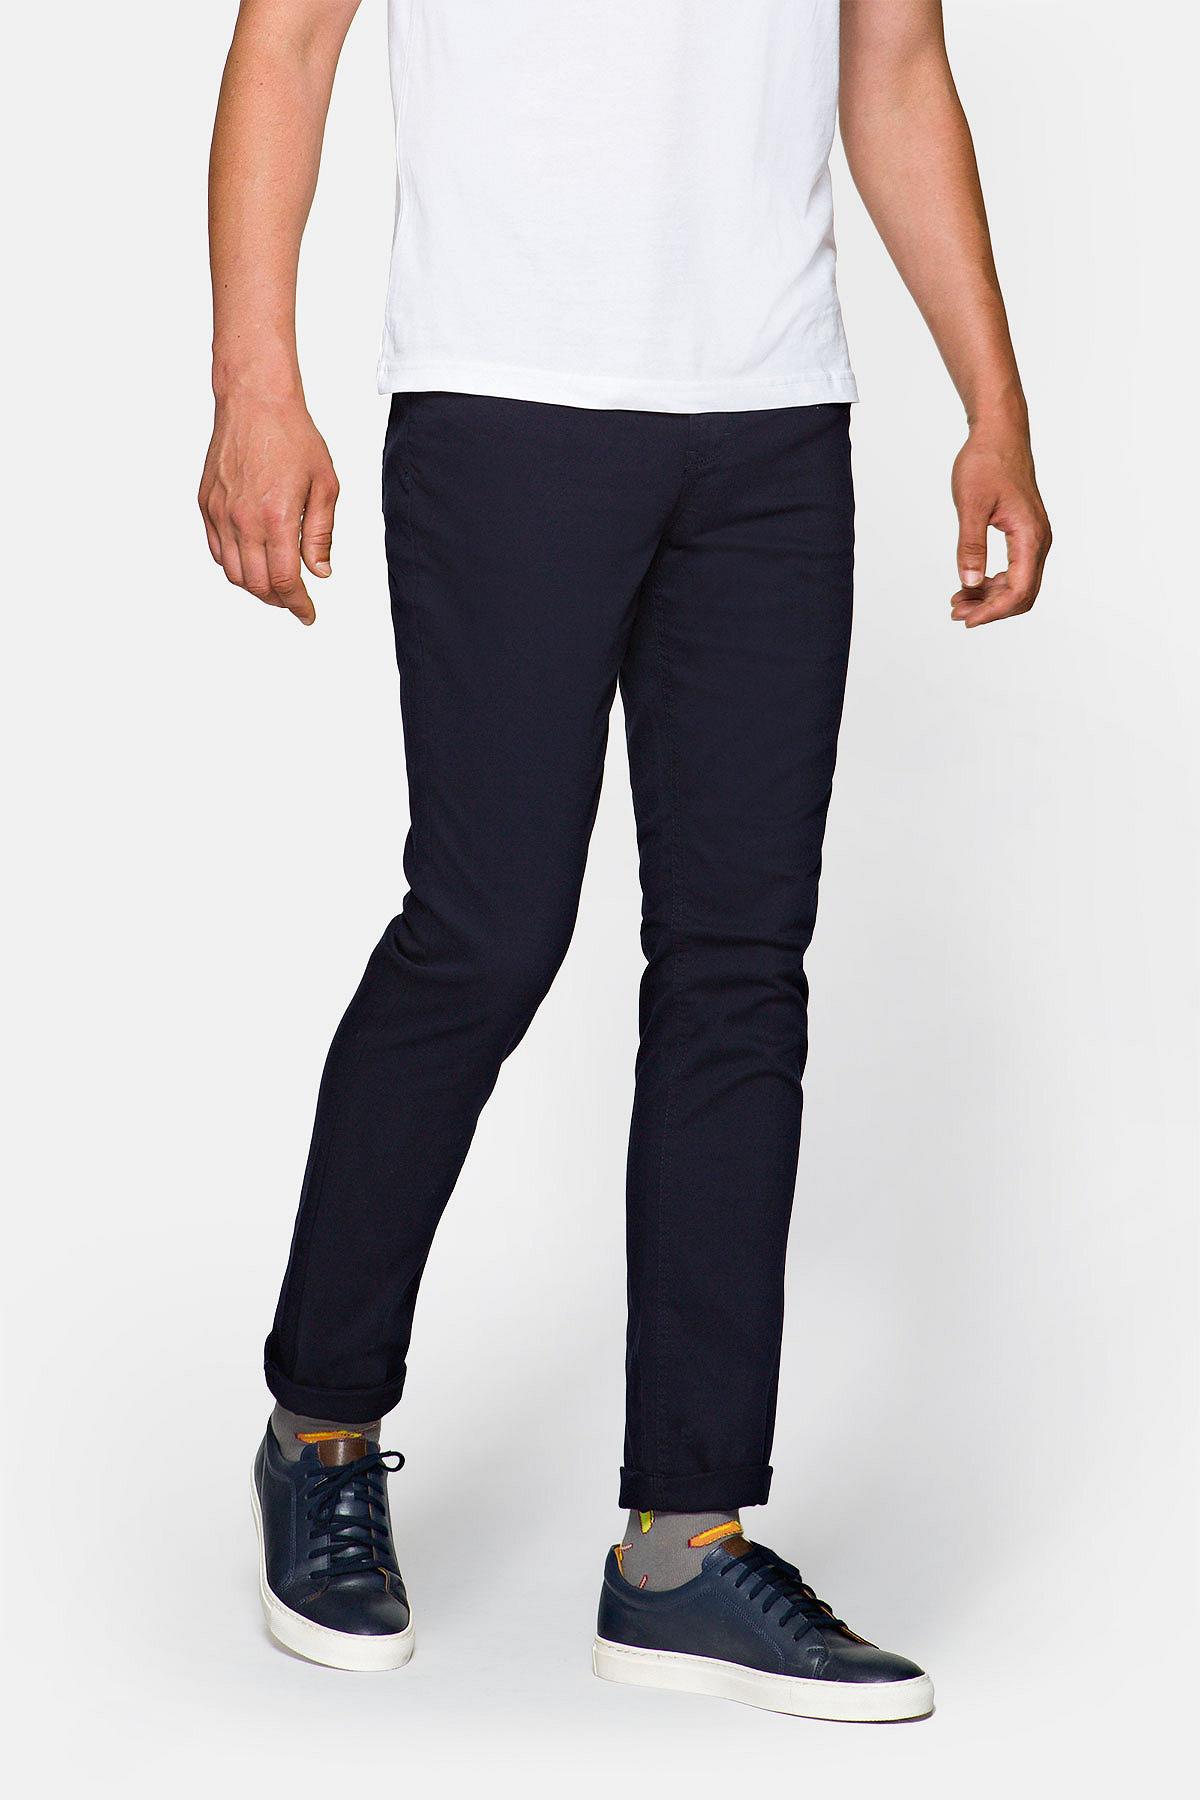 Spodnie Ciemnogranatowe Nolan rozmiar W30/L32; W31/L32; W32/L32; W32/L34; W33/L32; W33/L34; W34/L32; W34/L34; W35/L32; W35/L34; W36/L32; W